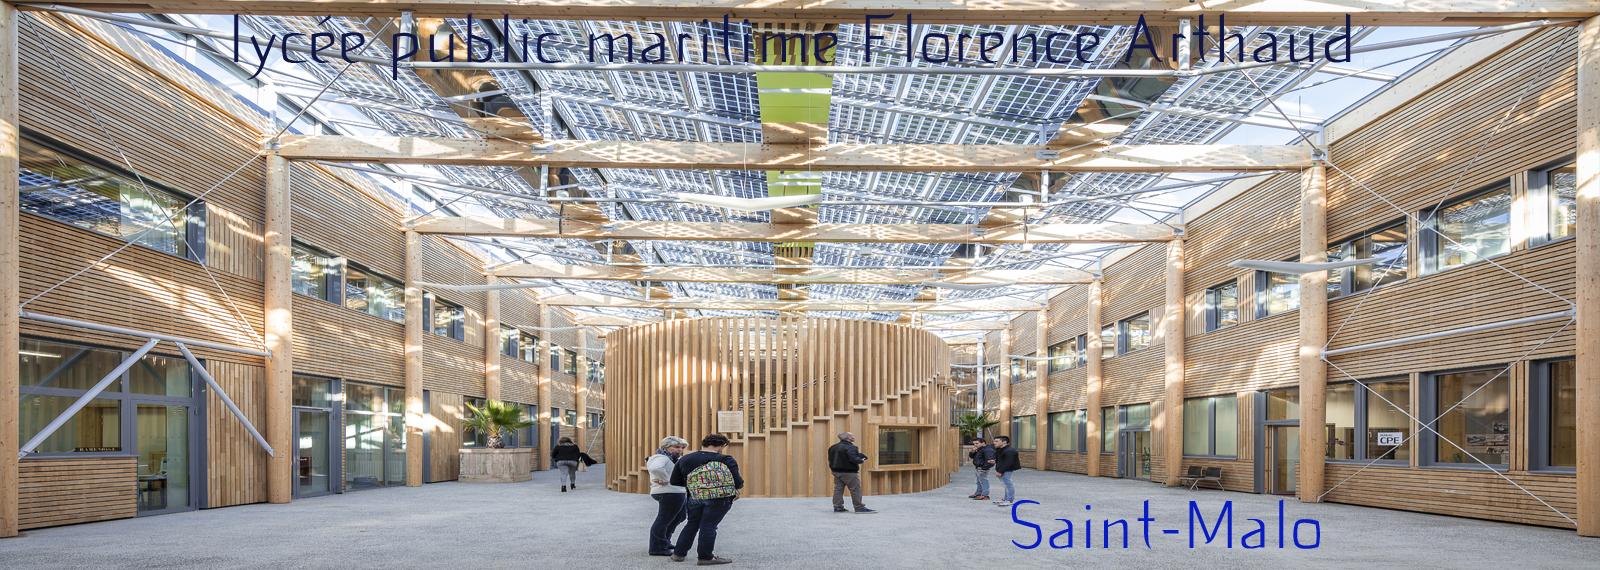 photographie du foyer des élèves dans l'atrium